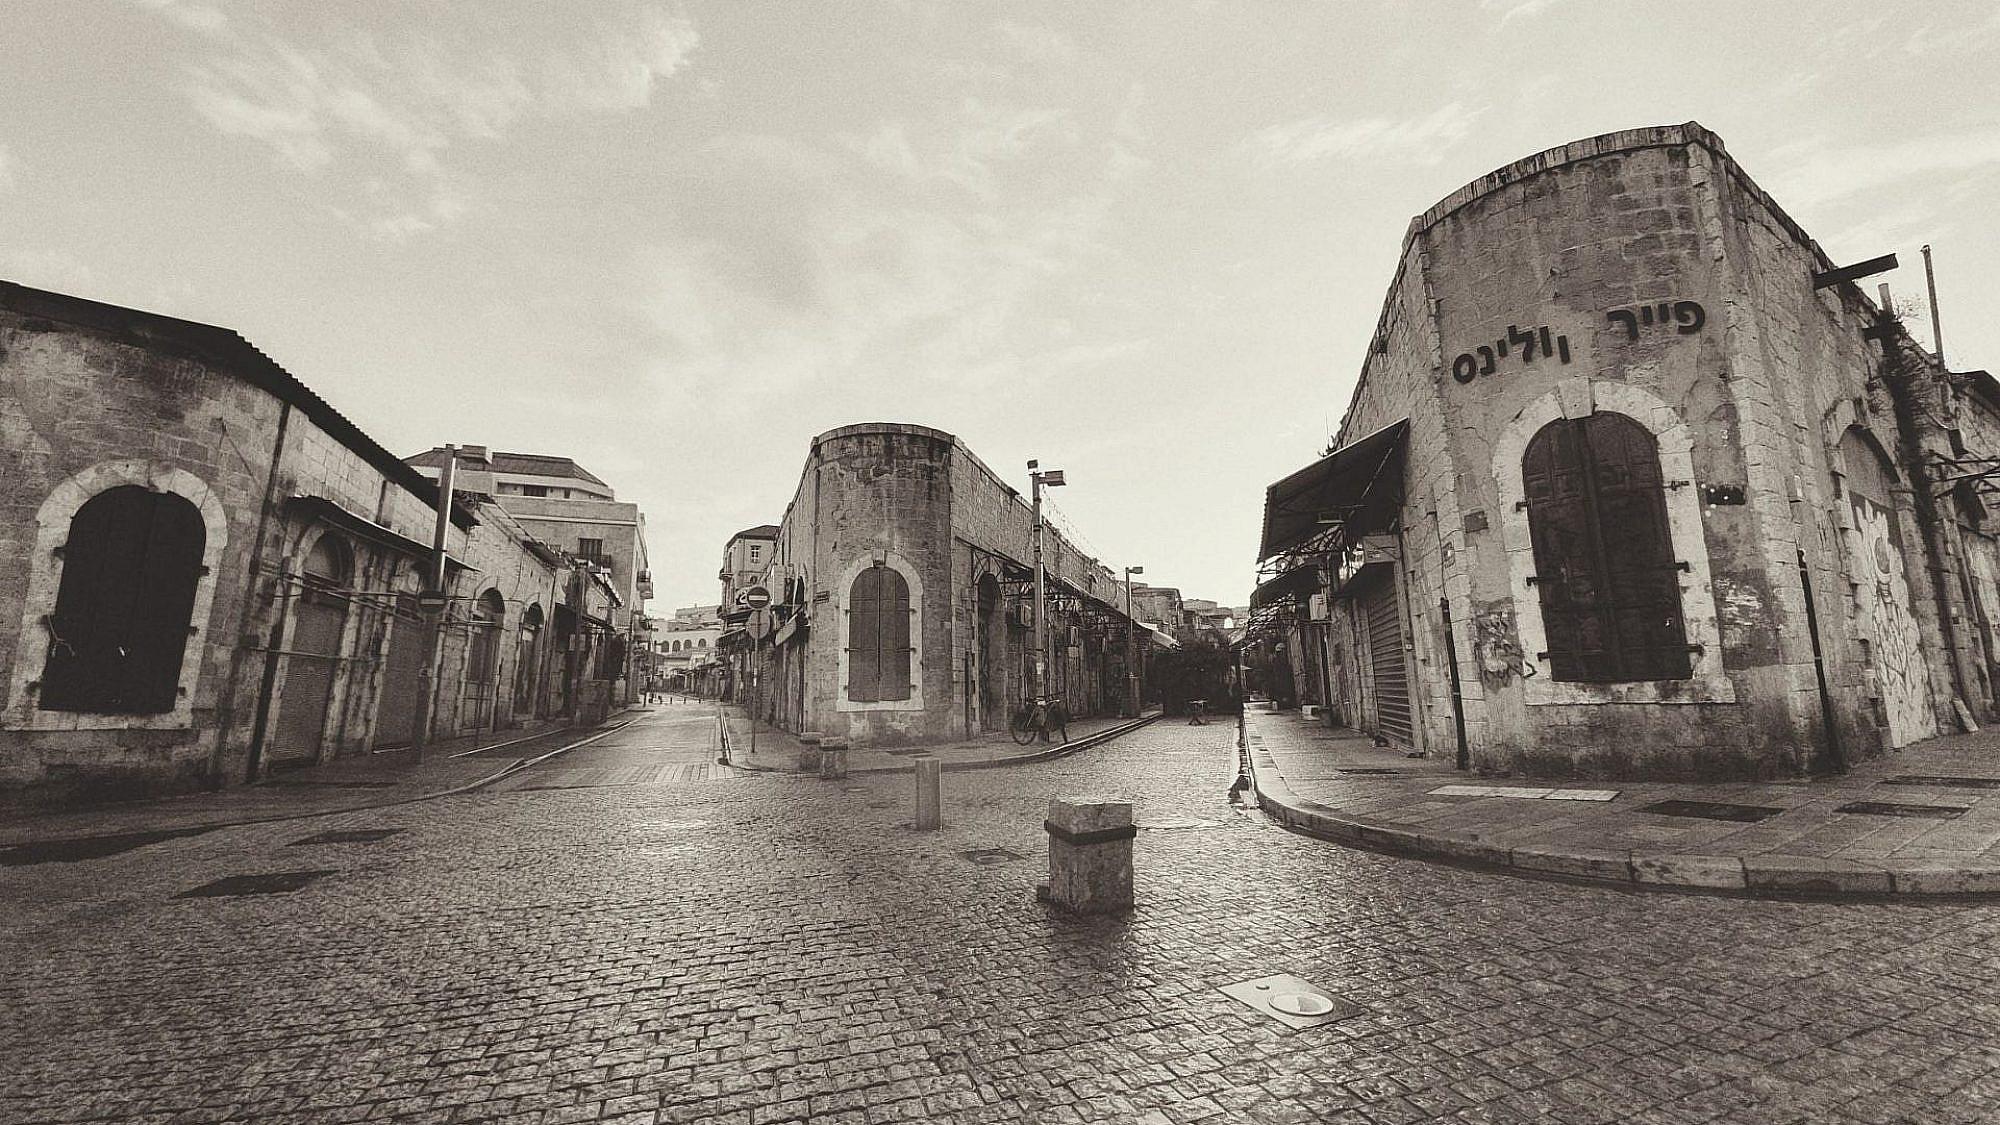 רגשות חדשים. צילום: אבישג בוחבוט, סמטאות יפו, תל אביב